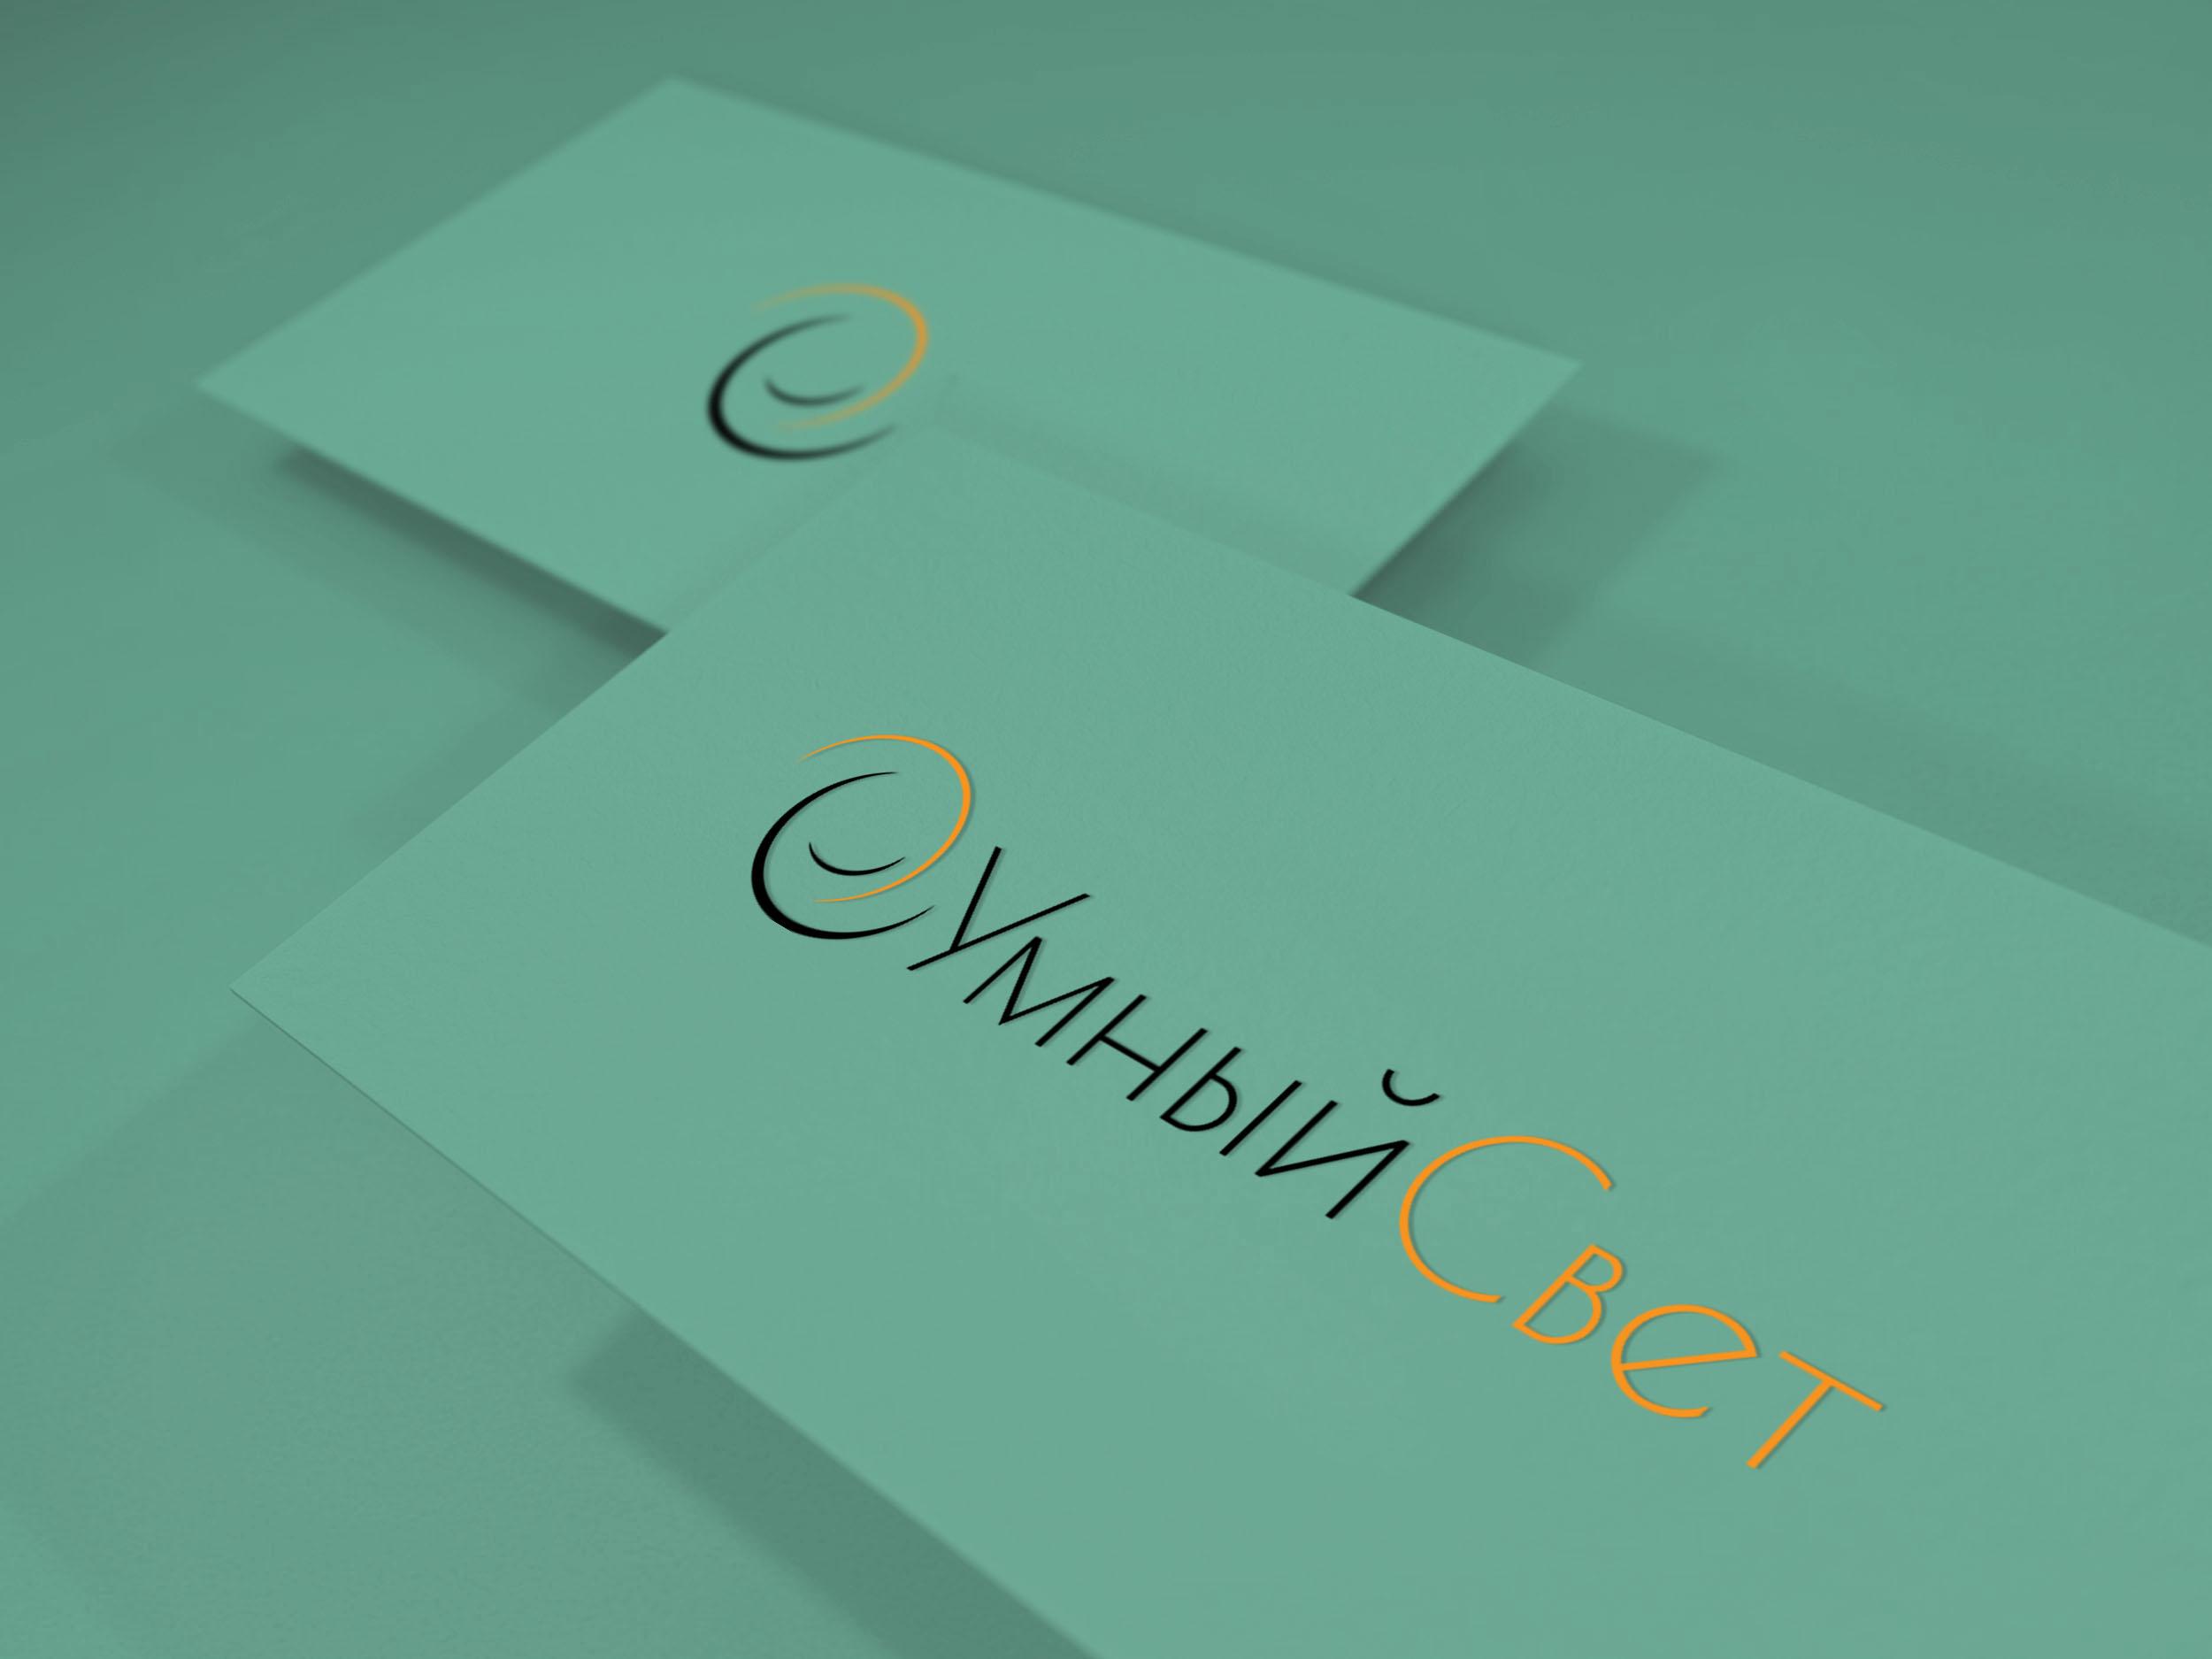 Логотип для салон-магазина освещения фото f_1005d016e5c52d2c.jpg